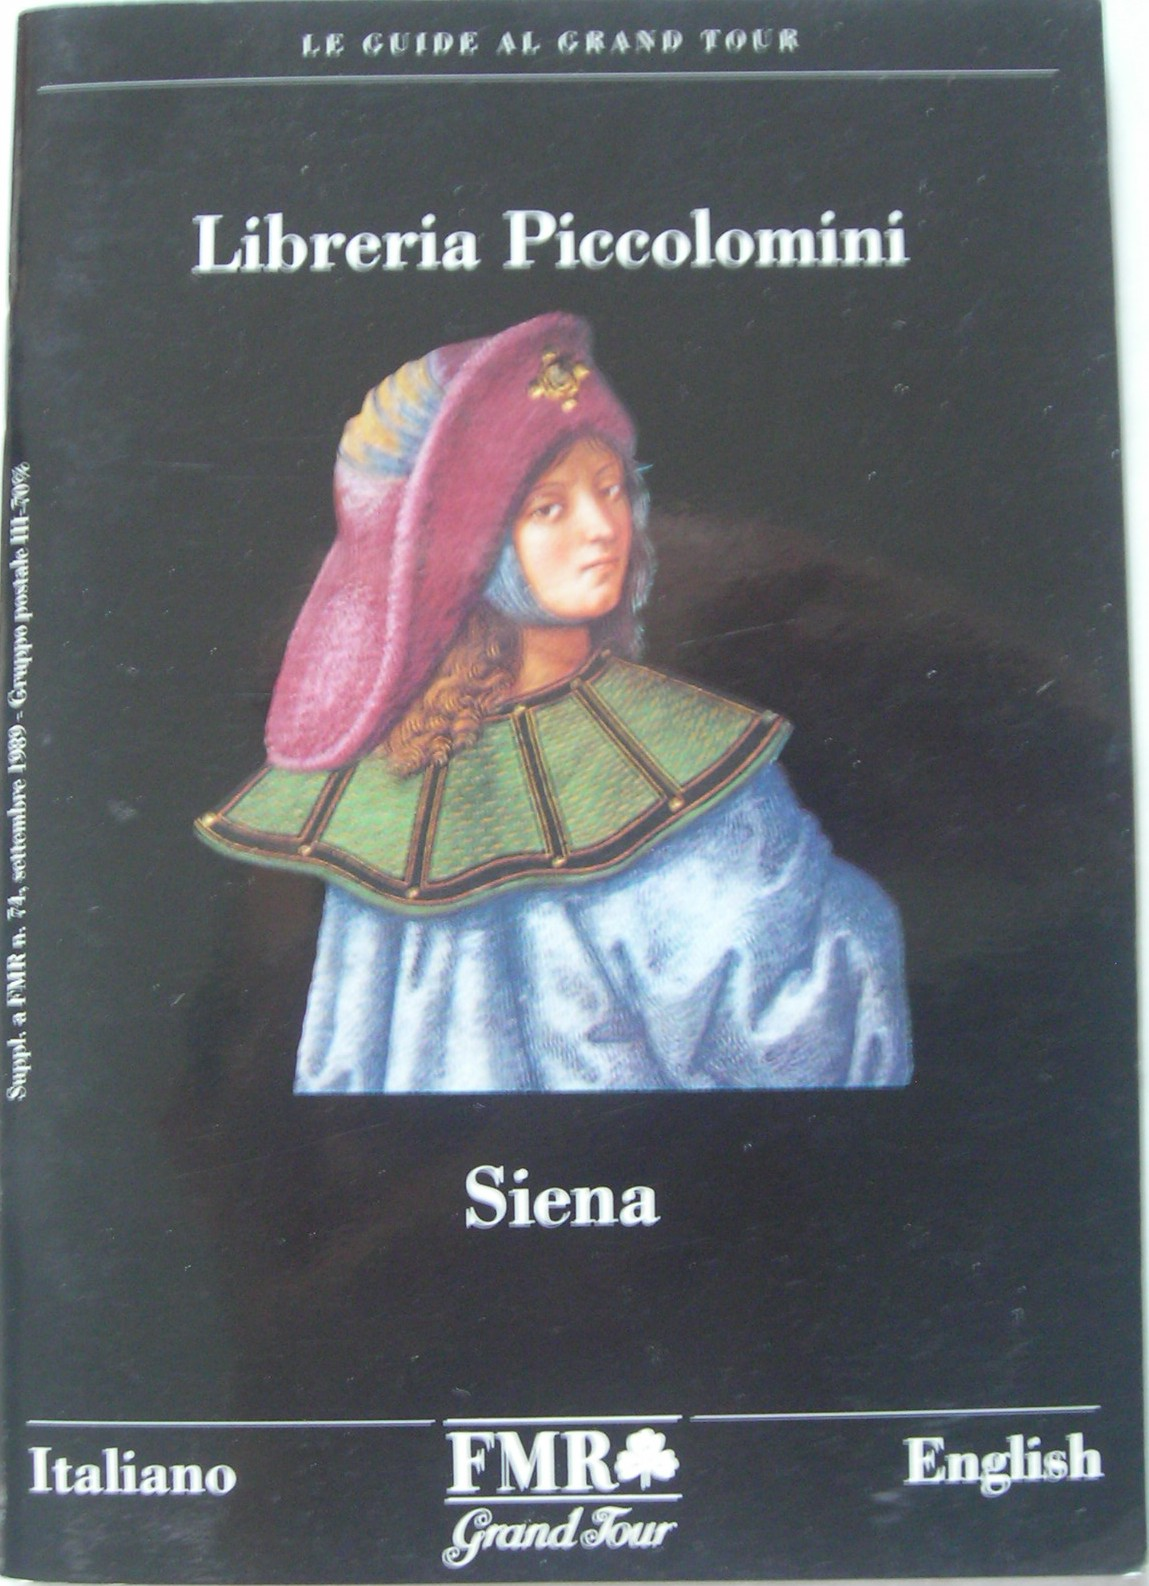 Libreria Piccolomini...